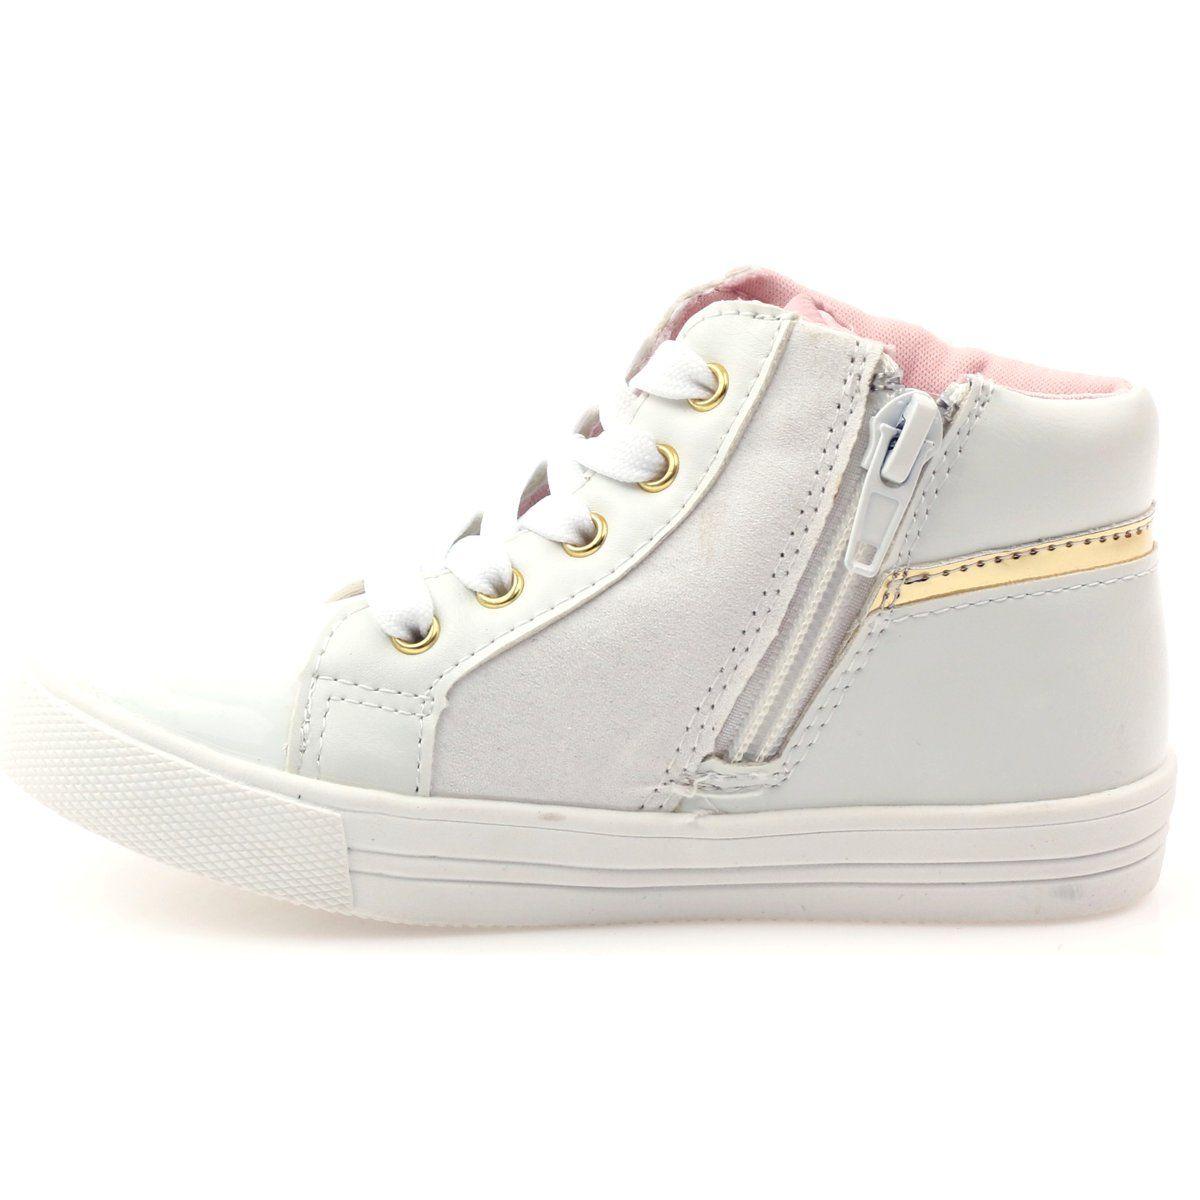 American Club Sportowe Dziewczece Serduszko American Zolte Biale Wedge Sneaker Shoes Sneakers